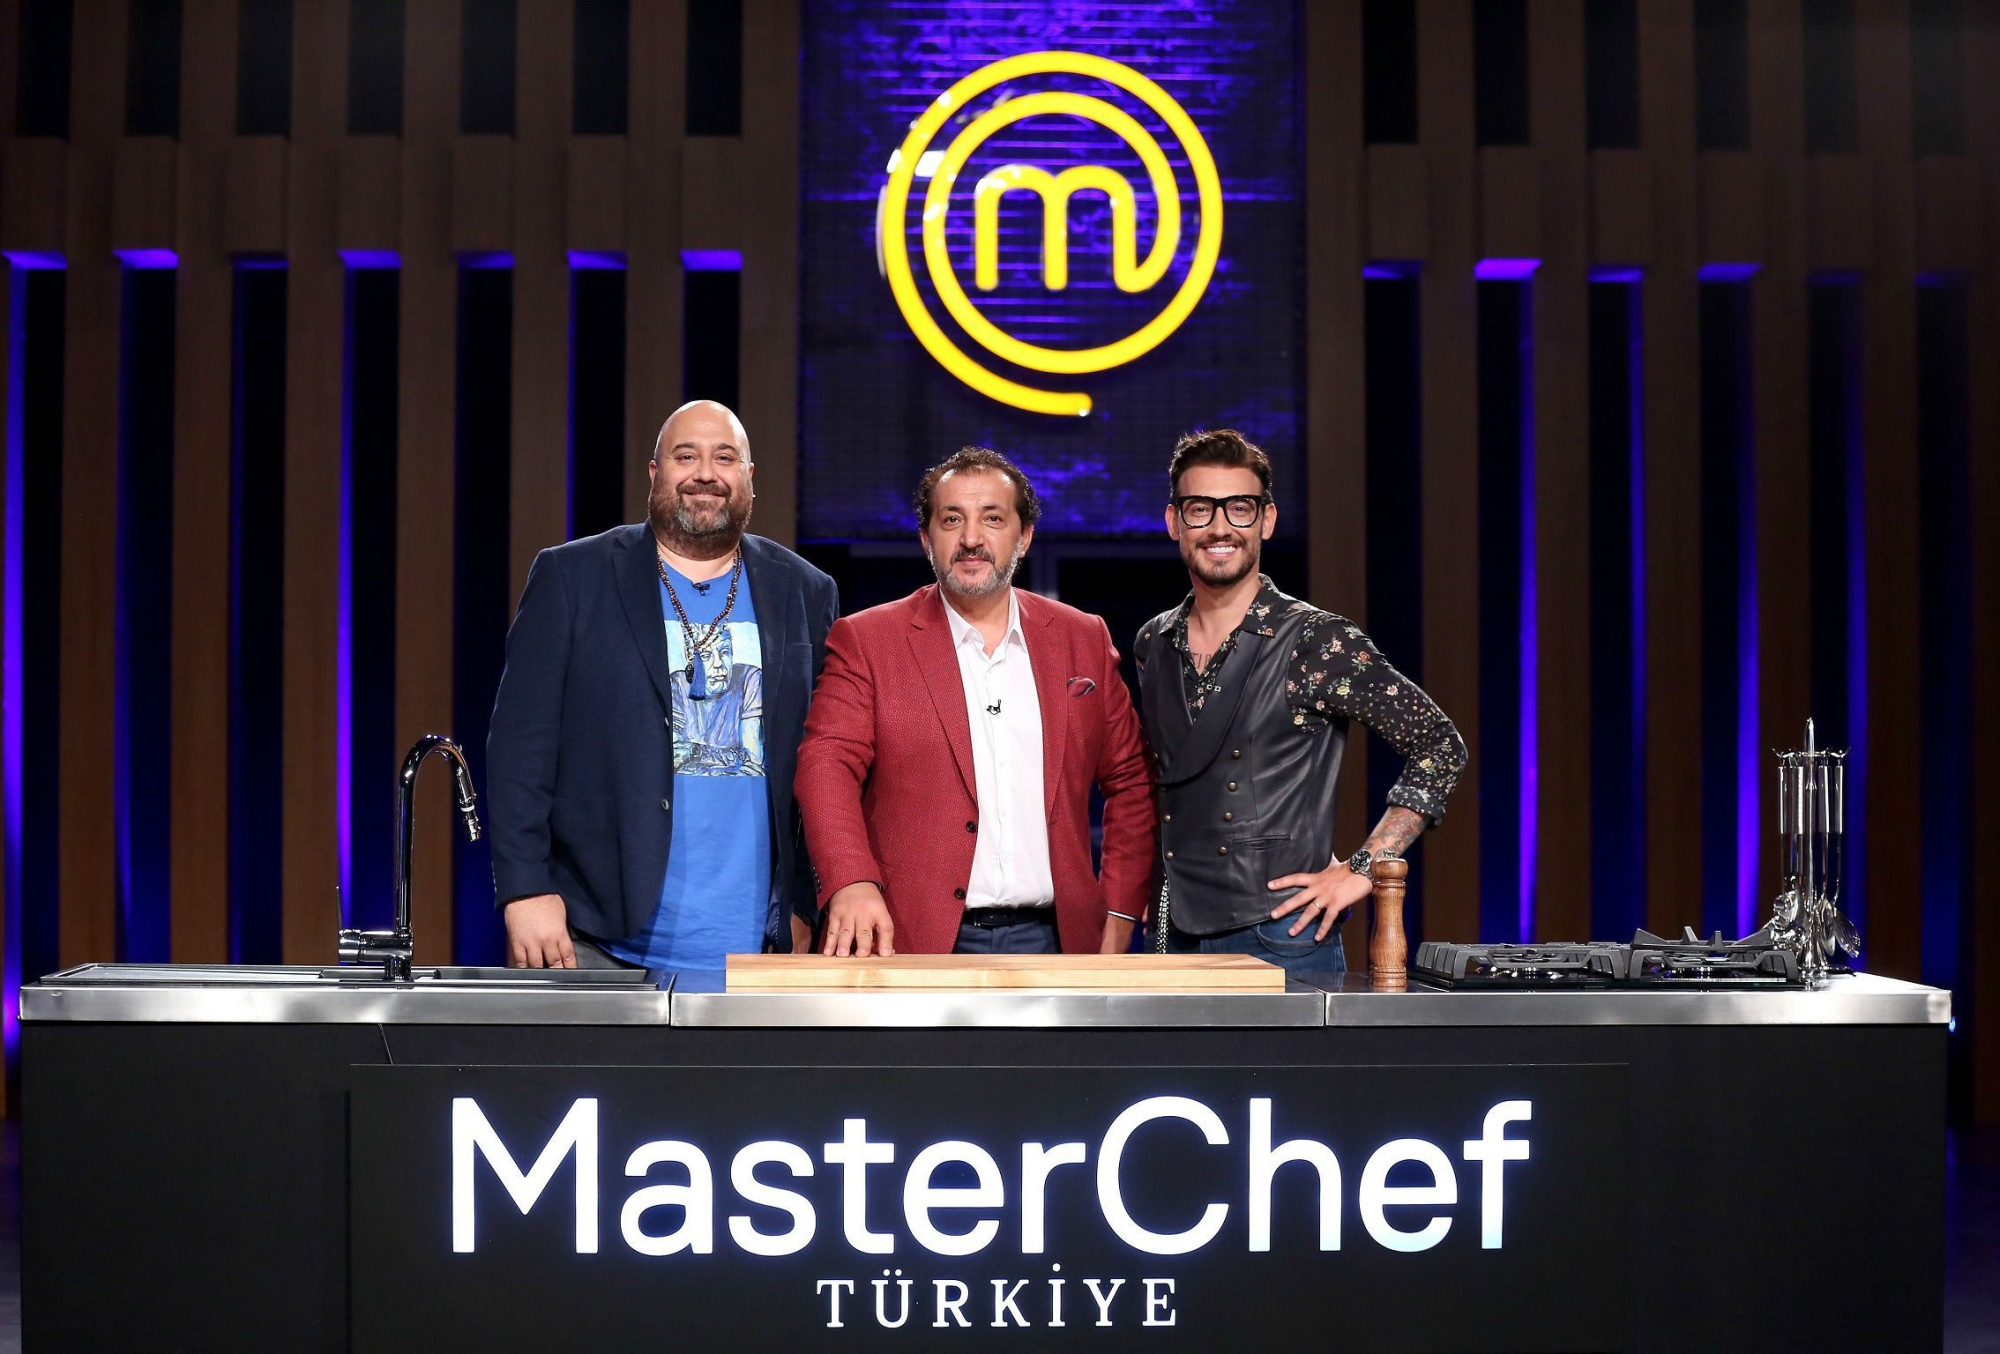 TV8 canlı izle! MasterChef Türkiye 72. yeni bölüm izle! 6 Ekim 2020 TV8 yayın akışı